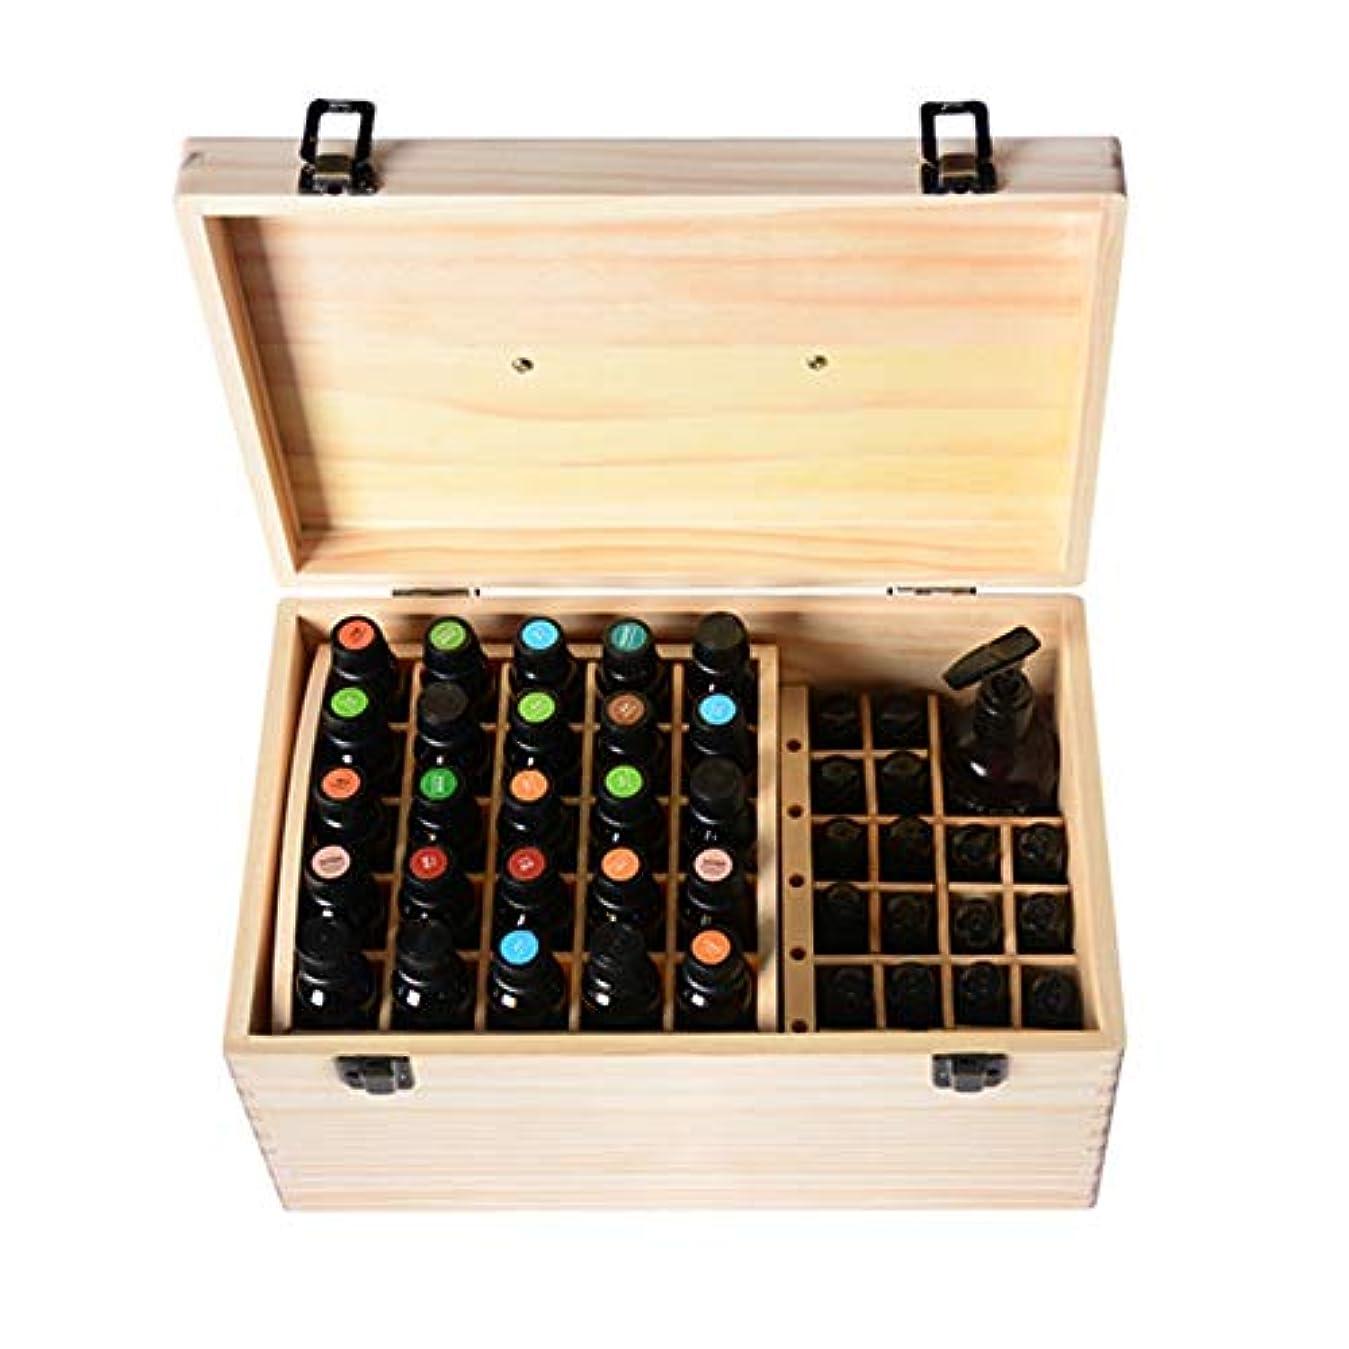 ひどくムスタチオバリーエッセンシャルオイルストレージボックス 74スロット木エッセンシャルオイルボックス収納ケース内部のリムーバブルは15/10 M1のボトルナチュラルパインを開催します 旅行およびプレゼンテーション用 (色 : Natural, サイズ : 35X20X16.5CM)